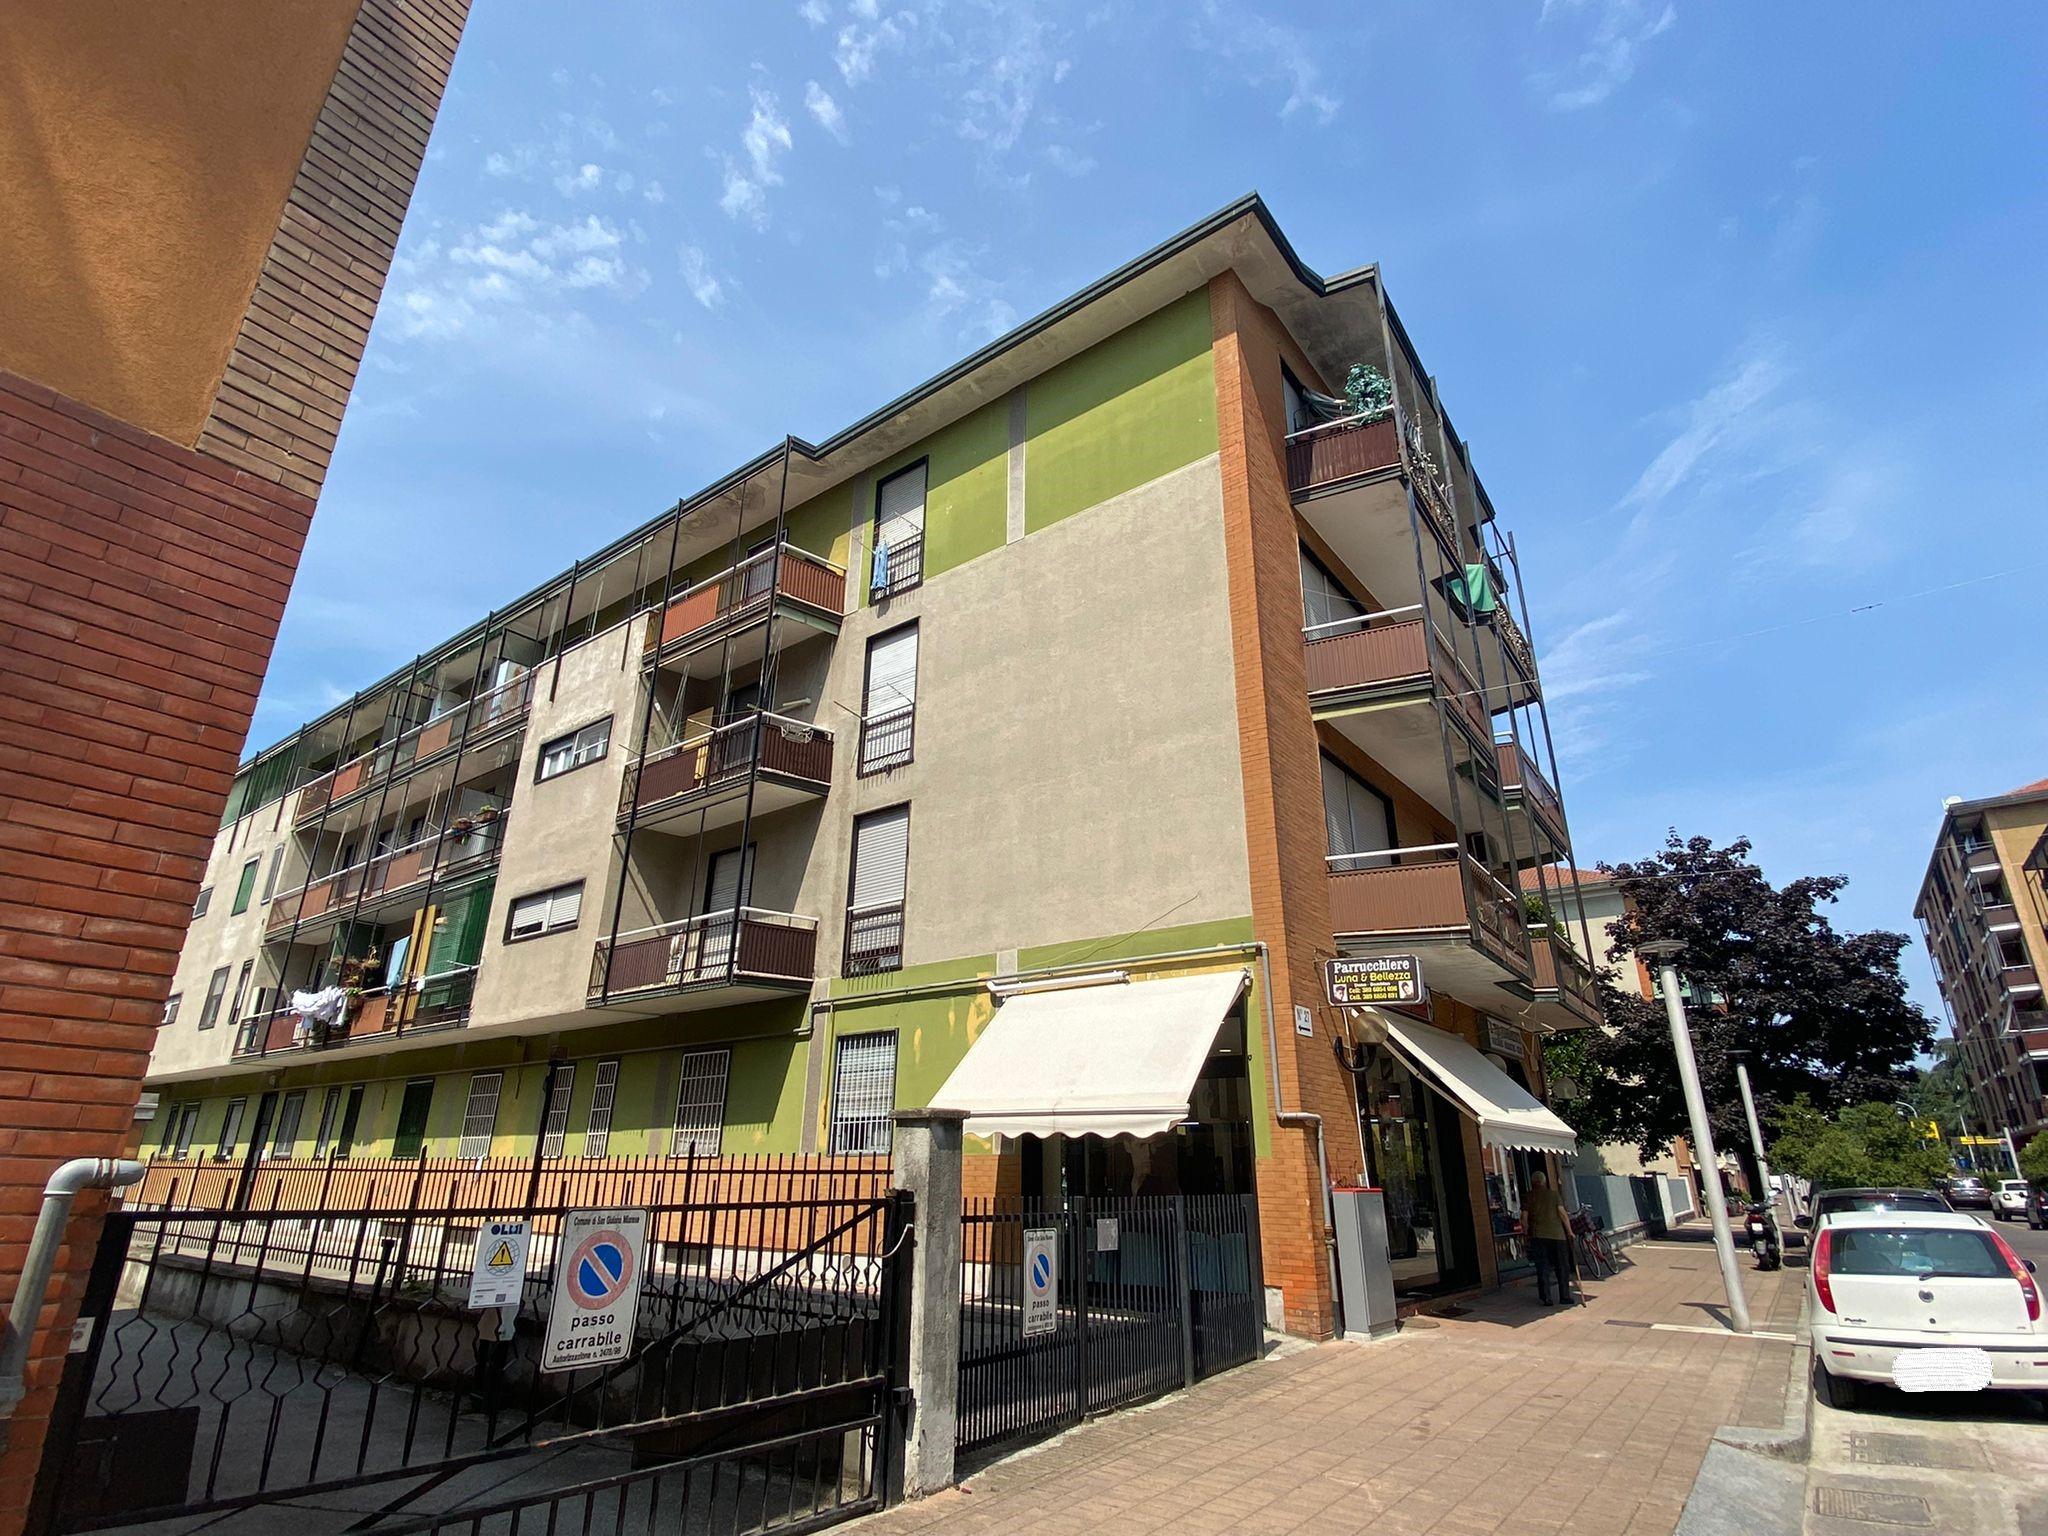 Locale commerciale in Vendita San Giuliano Milanese, Via Filippo Turati 29